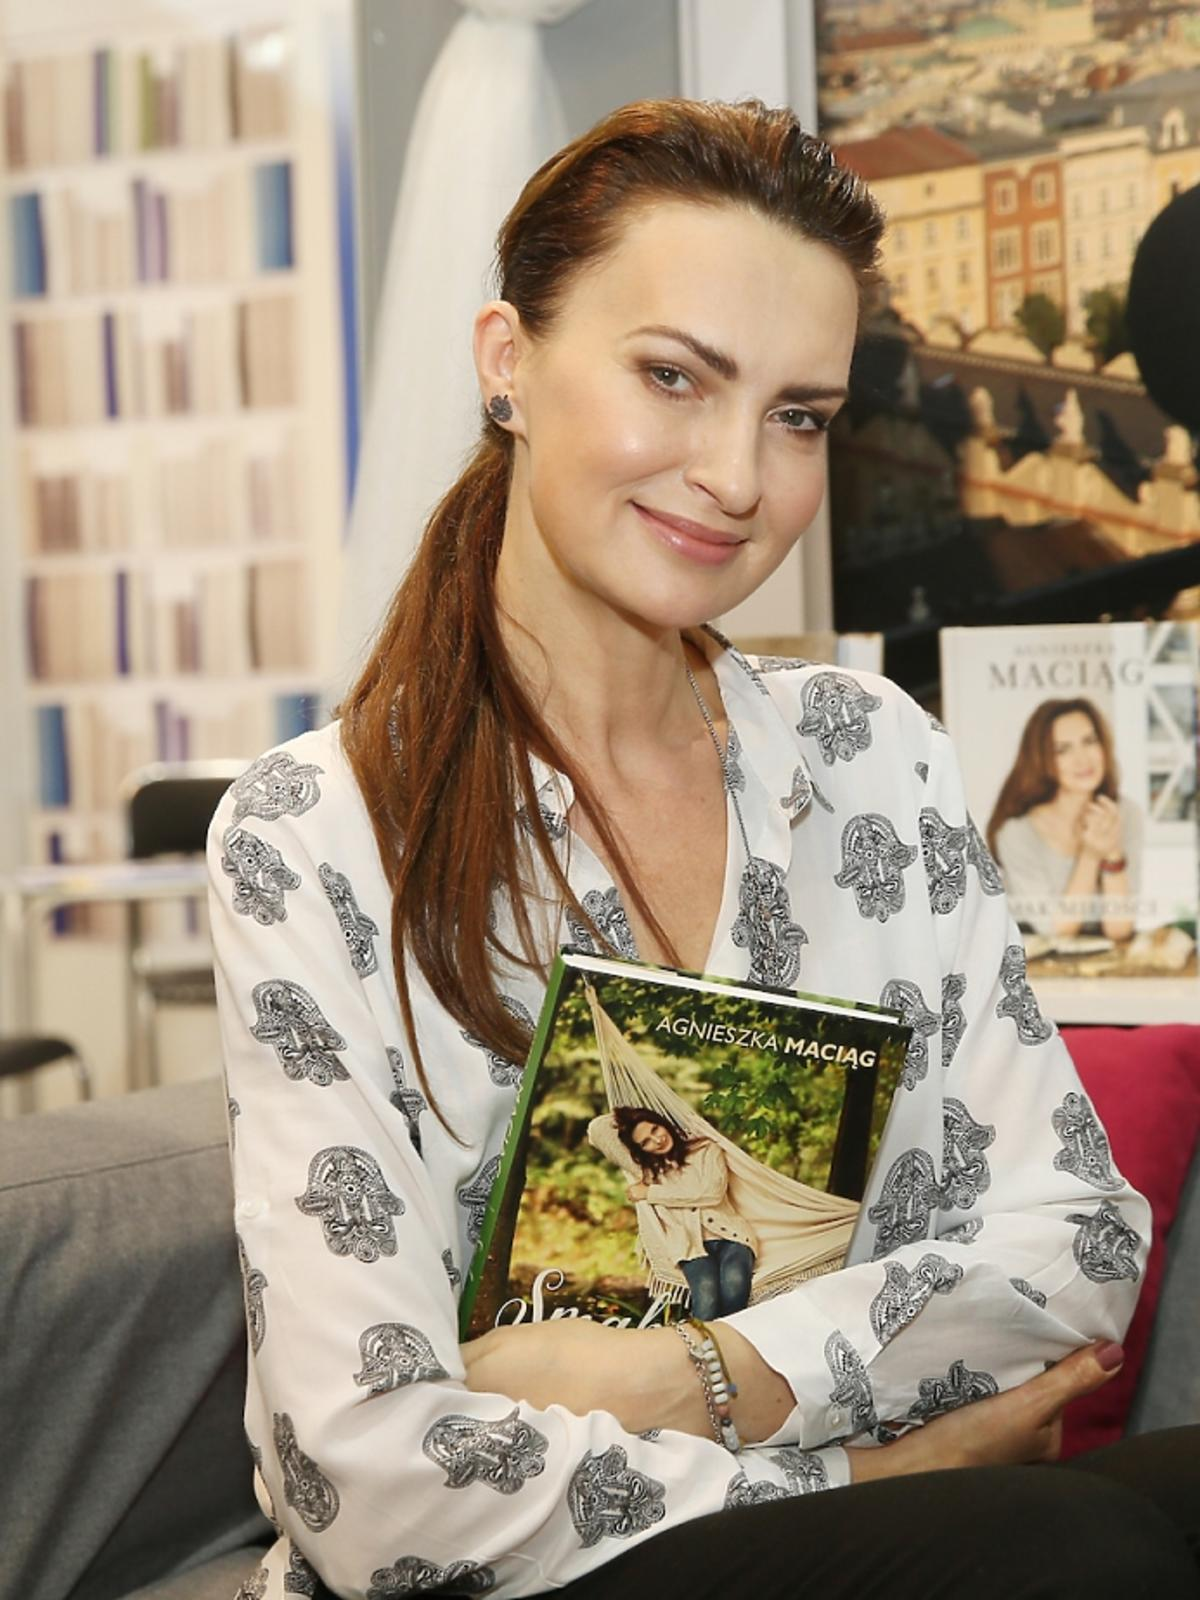 Agnieszka Maciąg w białej bluzce